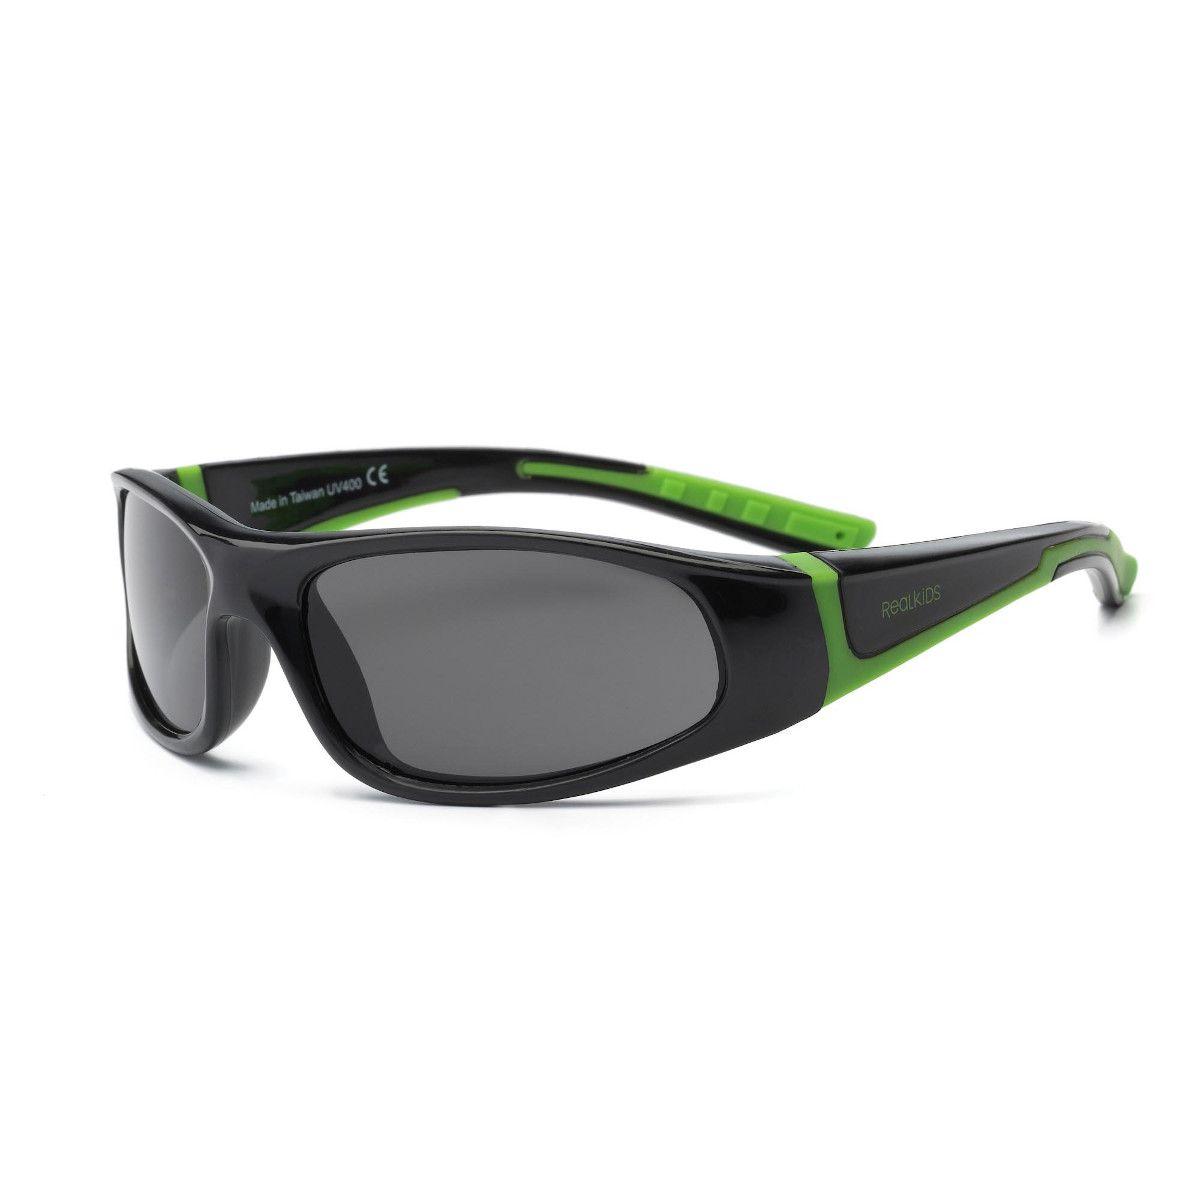 Óculos de Sol Bolt Preto e Verde Real Shades